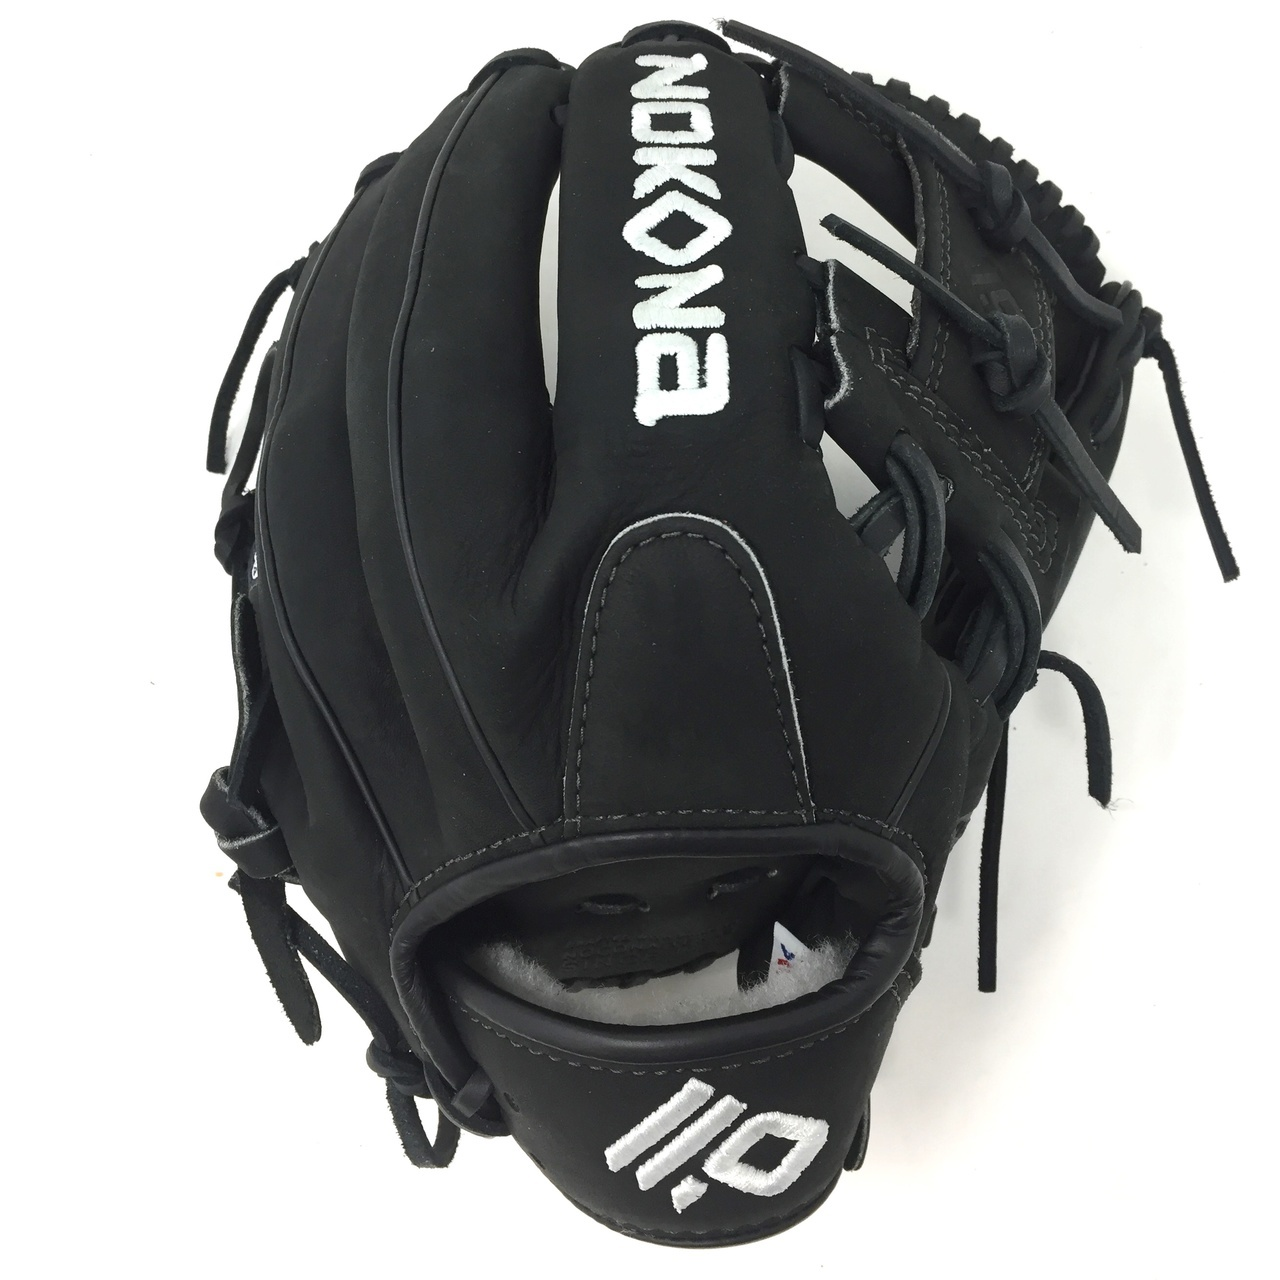 nokona baseball glove xft200-i-ox